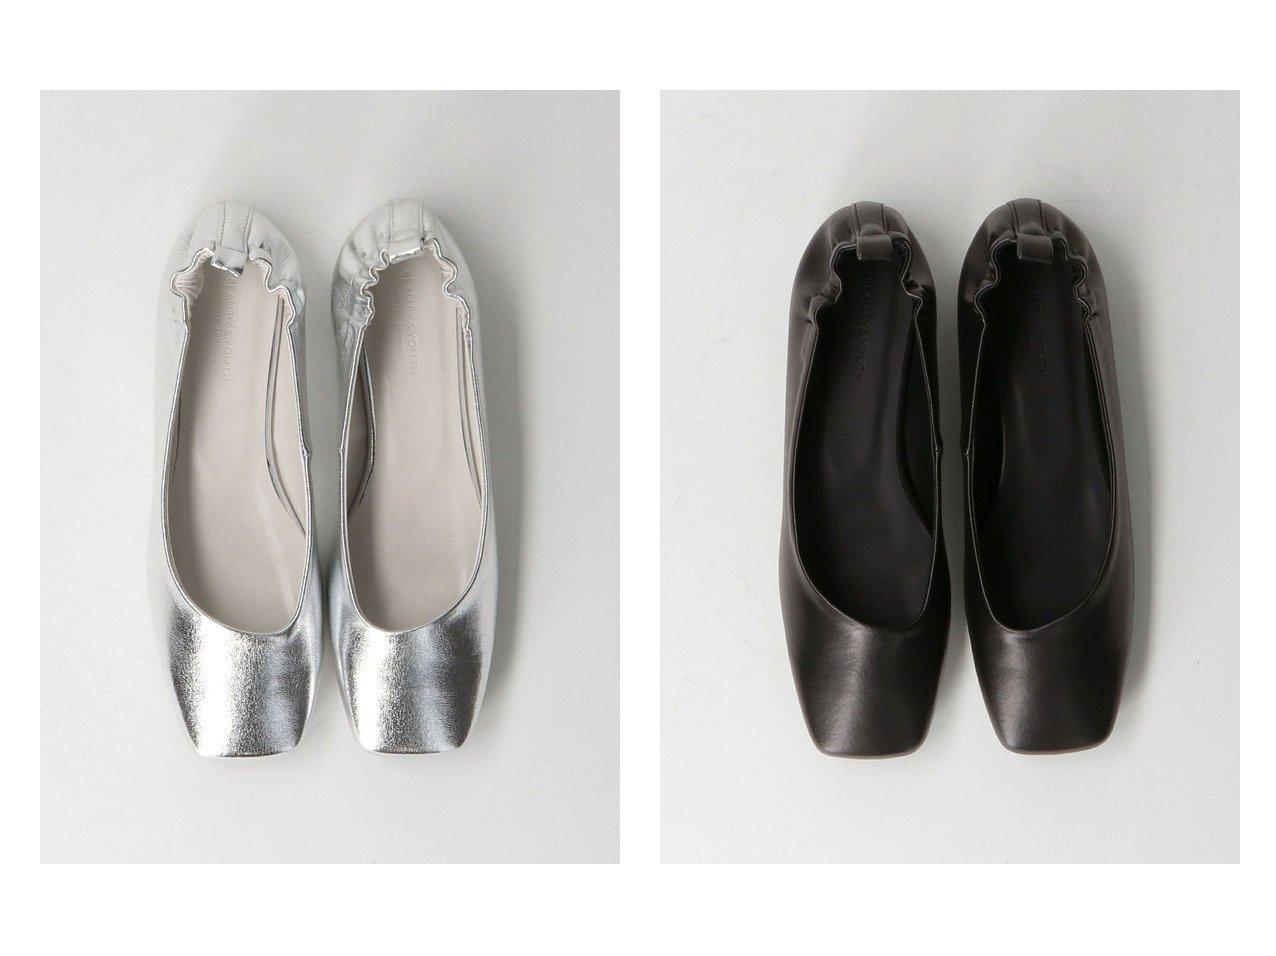 【BEAUTY&YOUTH / UNITED ARROWS/ビューティ&ユース ユナイテッドアローズ】のBY アシンメトリー ヒールギャザーフラットシューズ 【シューズ・靴】おすすめ!人気、トレンド・レディースファッションの通販 おすすめで人気の流行・トレンド、ファッションの通販商品 メンズファッション・キッズファッション・インテリア・家具・レディースファッション・服の通販 founy(ファニー) https://founy.com/ ファッション Fashion レディースファッション WOMEN S/S・春夏 SS・Spring/Summer おすすめ Recommend アシンメトリー ギャザー シューズ シルバー デニム トレンド フィット フェミニン フラット マキシ 人気 定番 Standard 春 Spring |ID:crp329100000029190